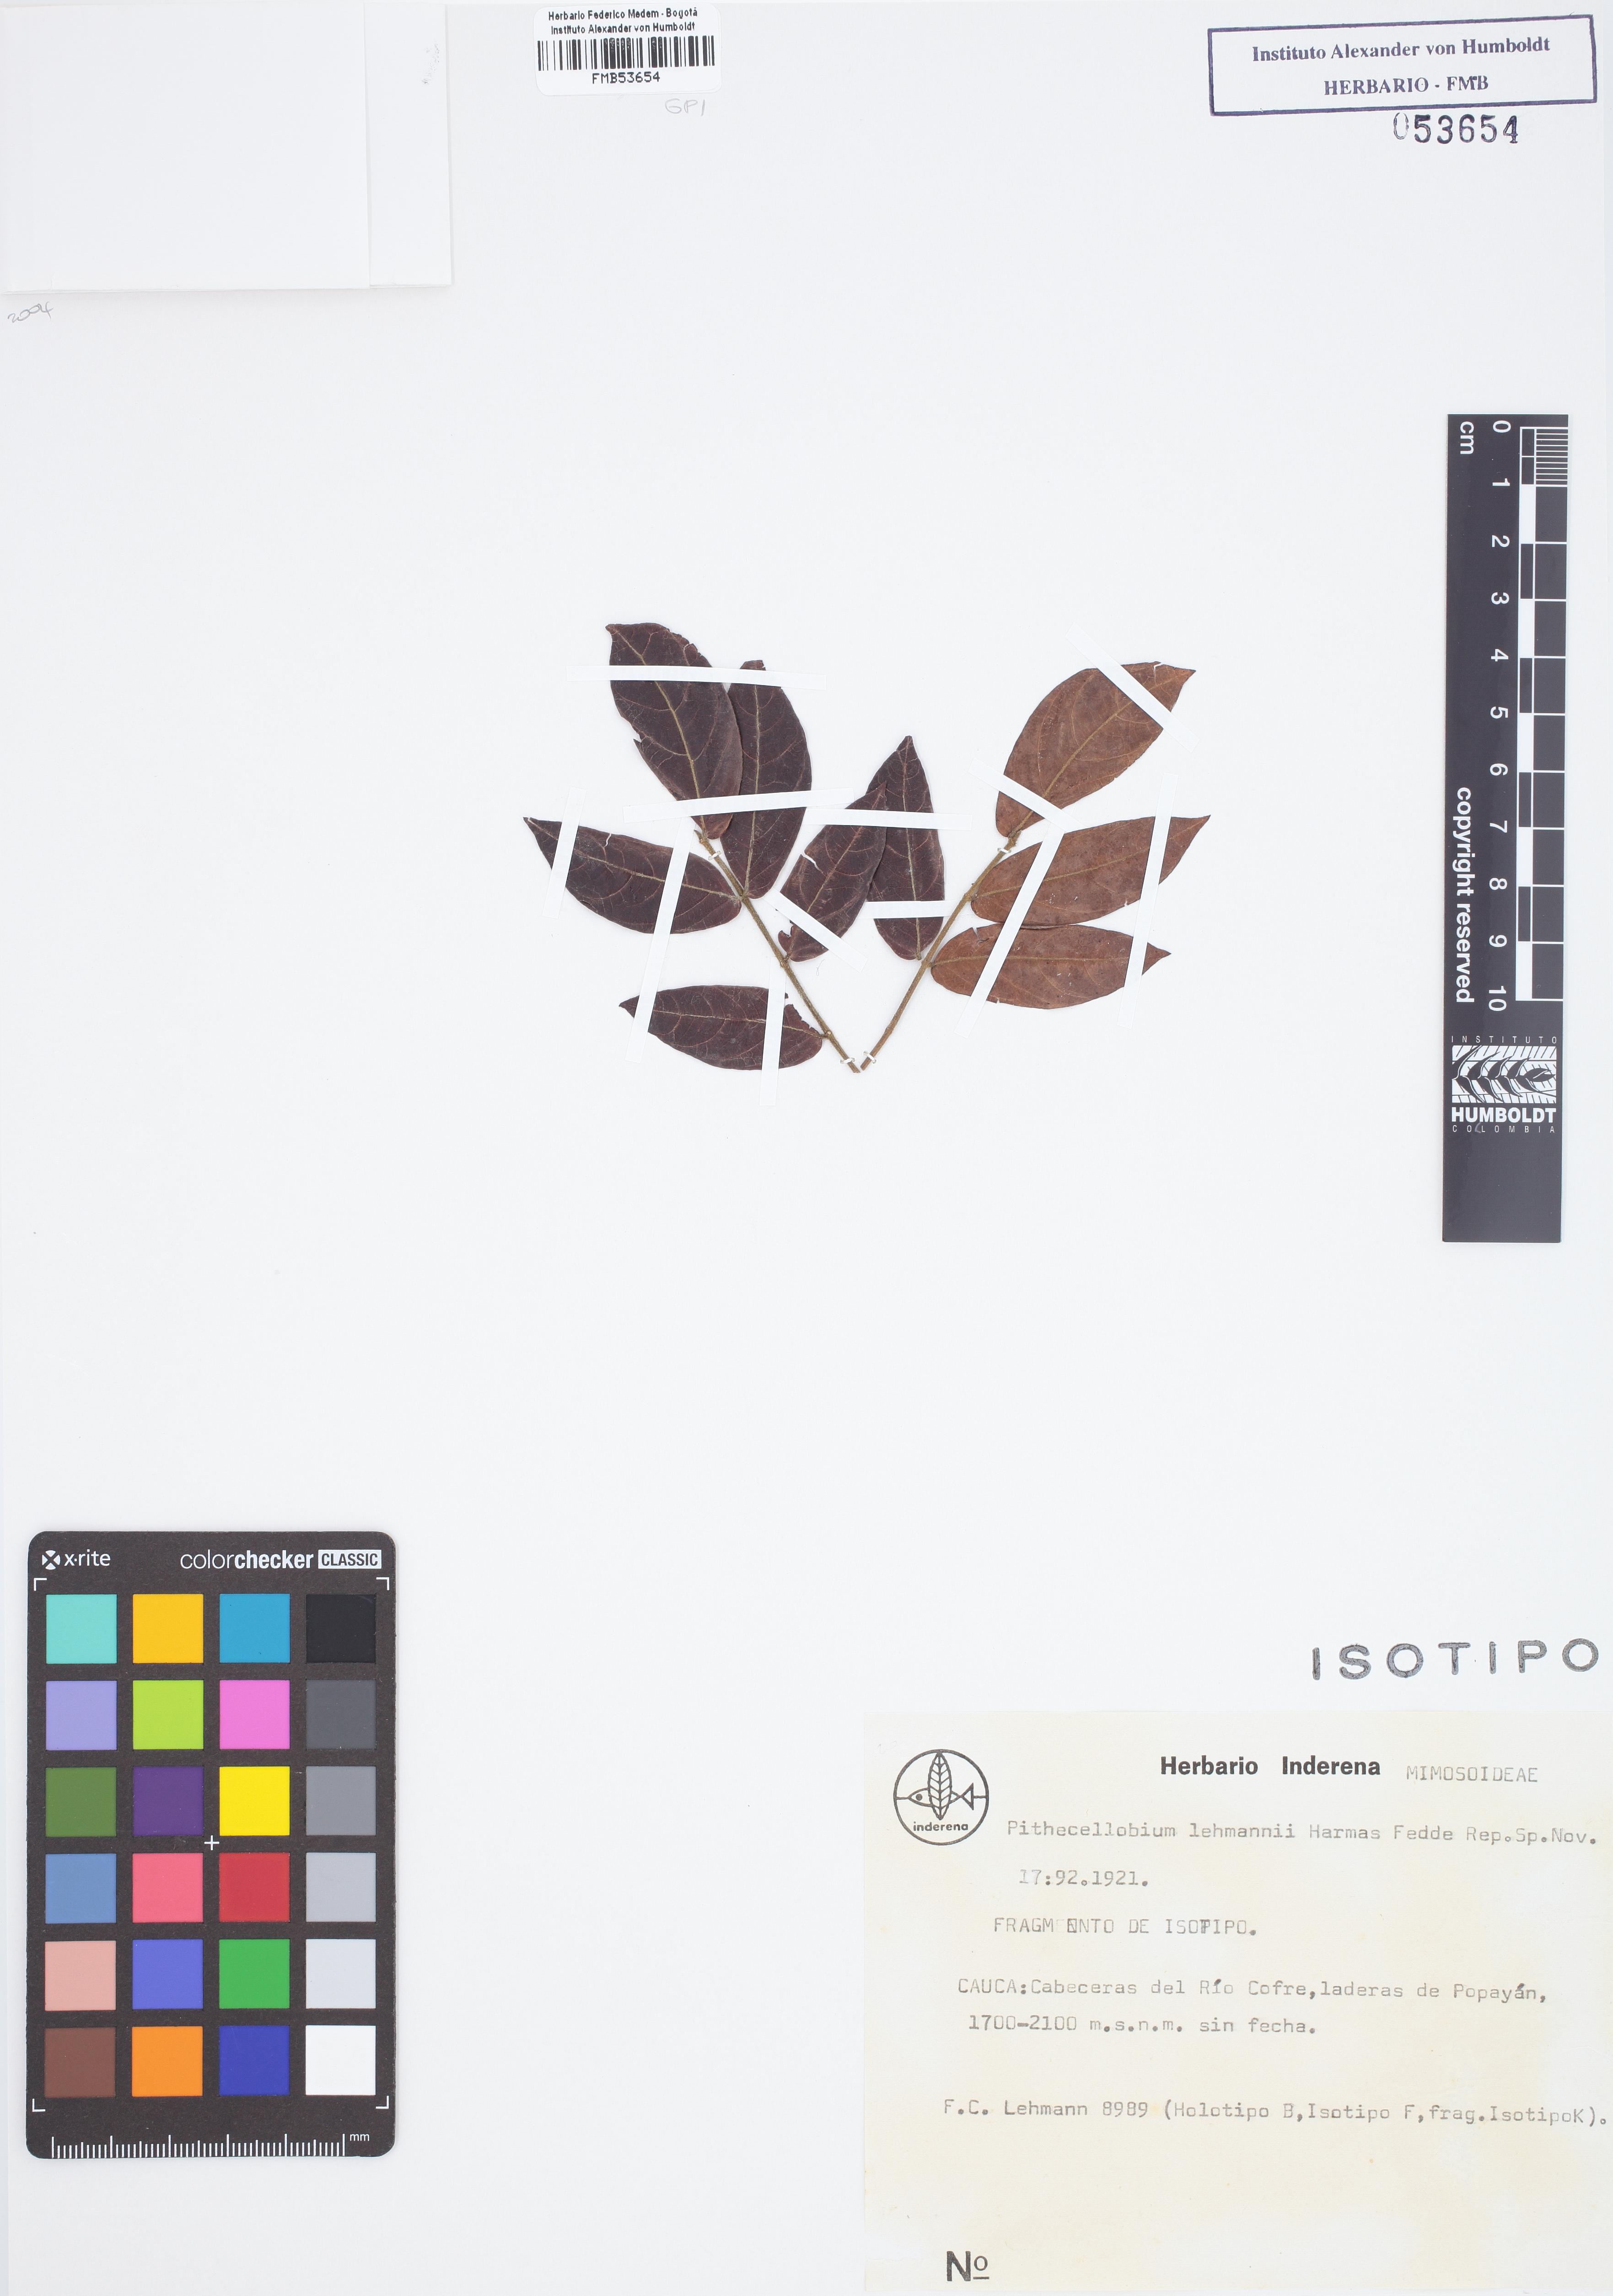 Isotipo de <em>Pithecellobium lehmannii</em>, FMB-53654, Fotografía por Robles A.